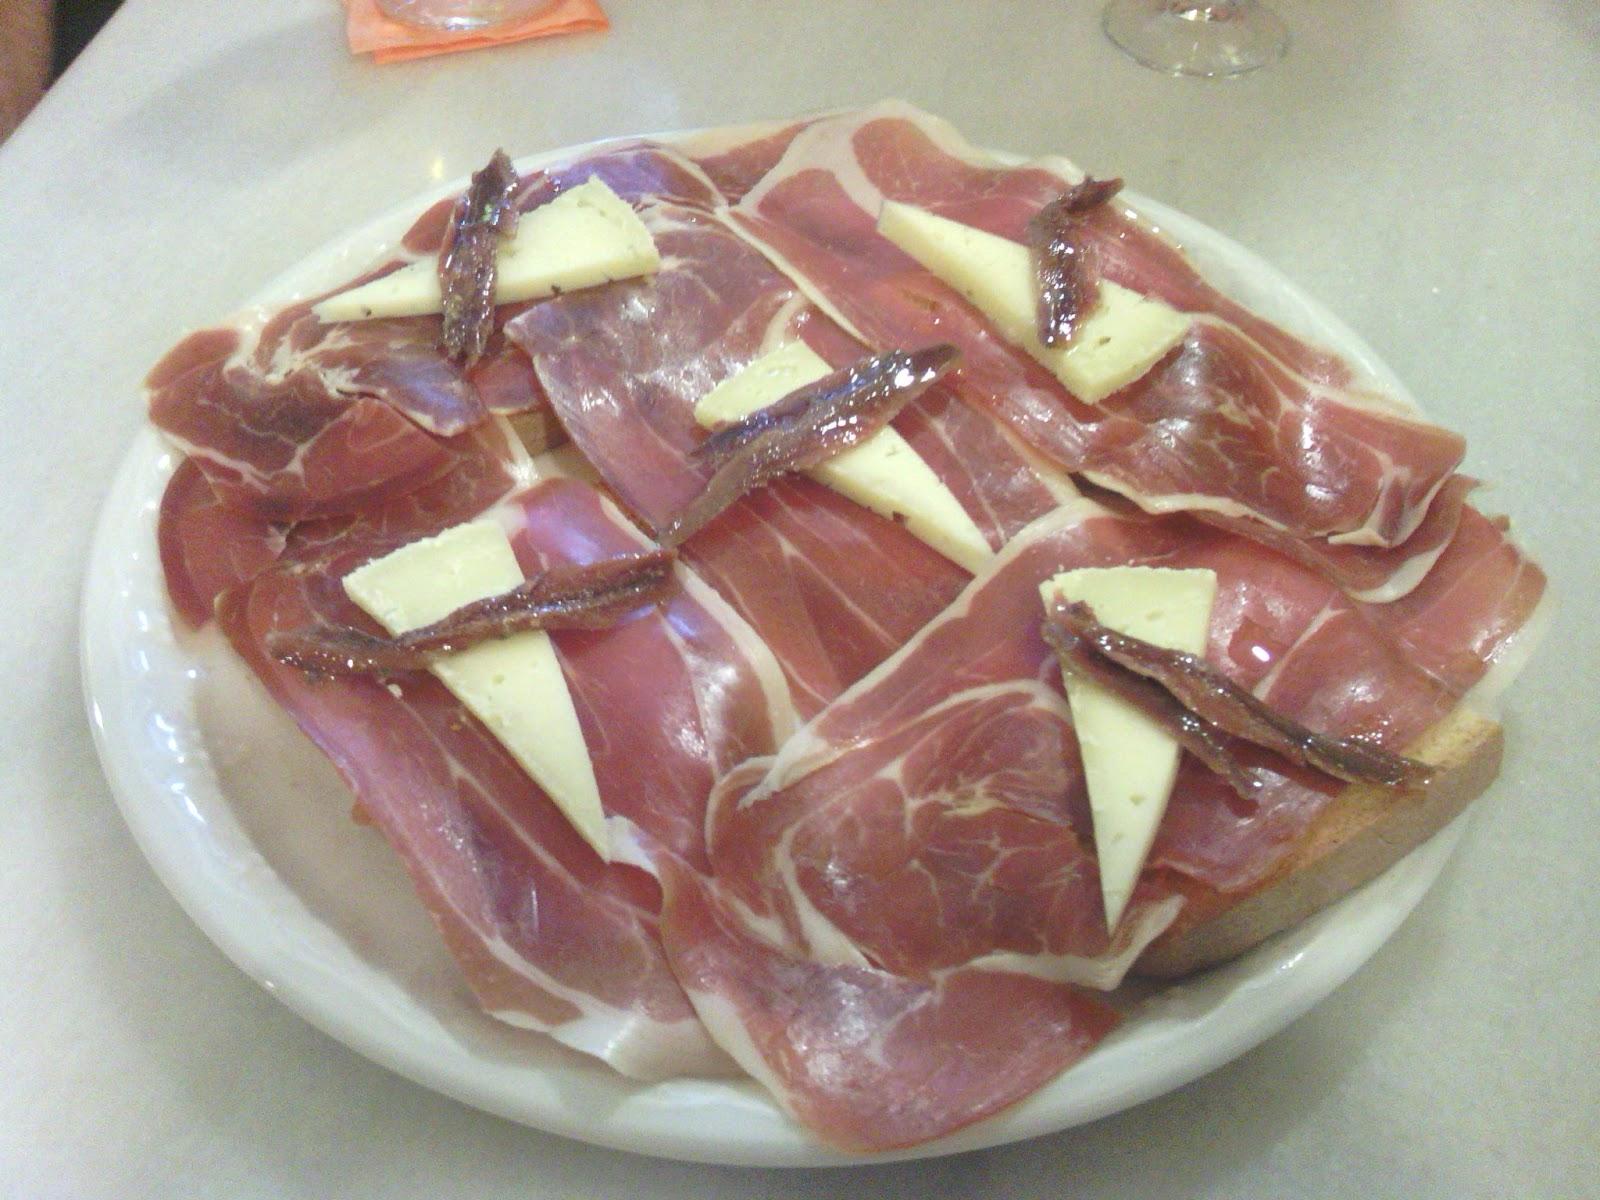 alpargata de jamón y queso. Es una rebanada de pan con aceite, tomate, una buena loncha de jamón serrano, coronada con una cuñita de queso y una anchoa.